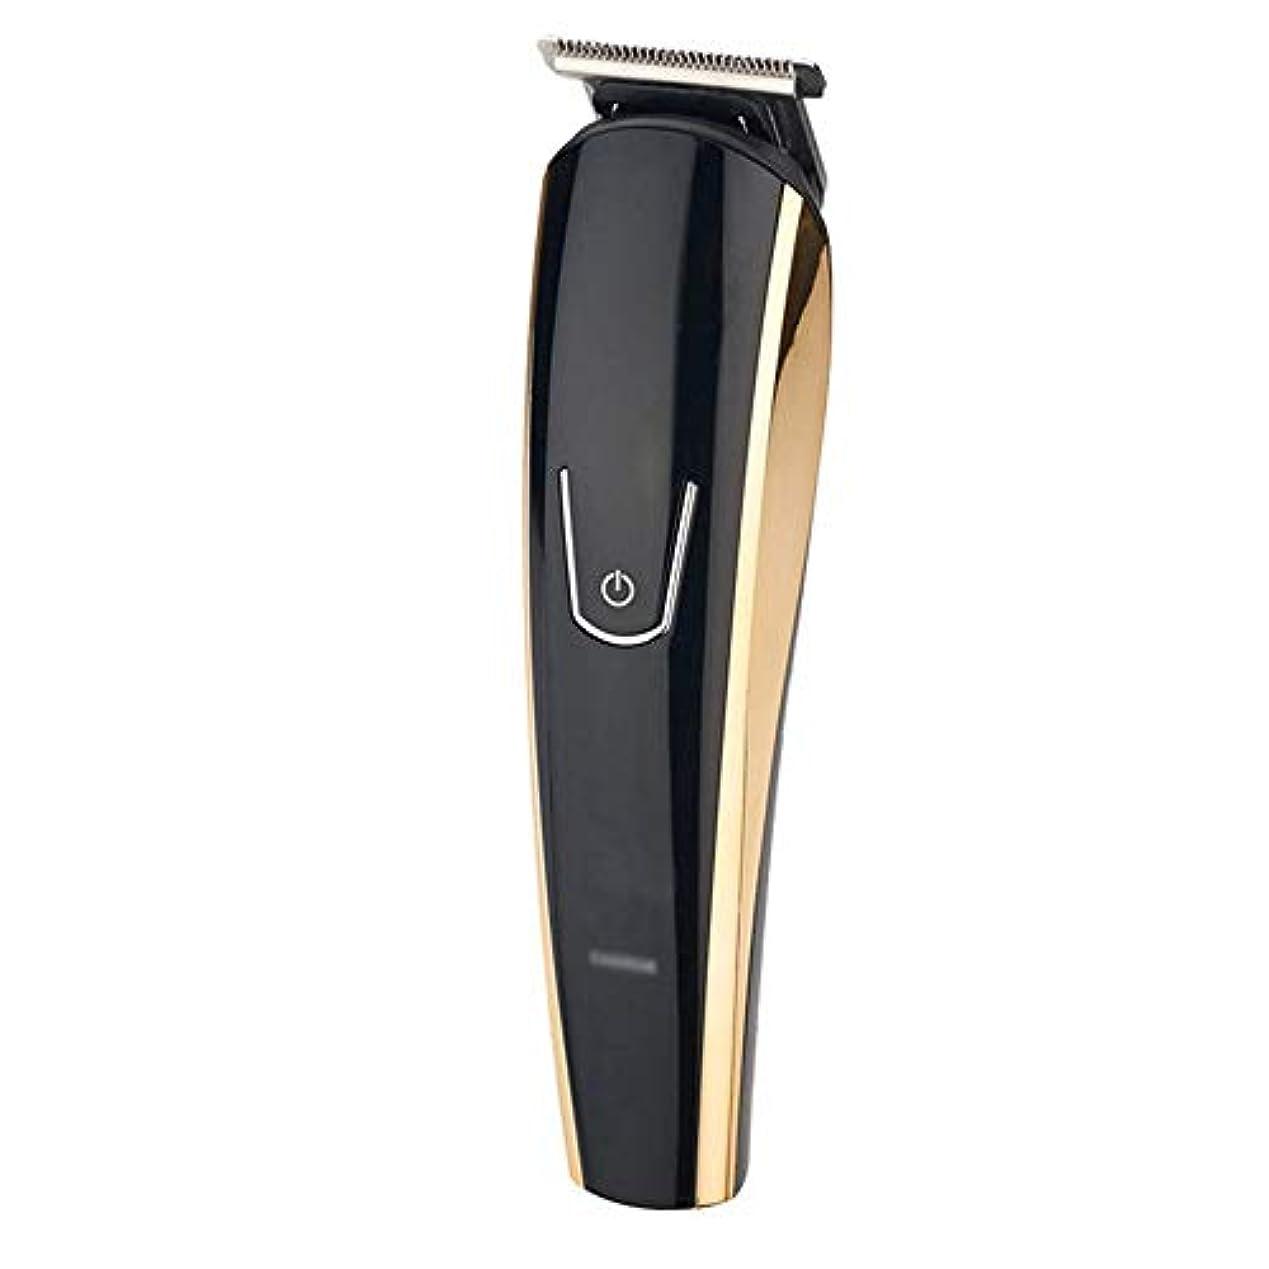 建設スープ始めるWAKABAFK 多機能5イン1バリカンusb充電式電動ヘアカッターヘアカッティングマシン理髪かみそり